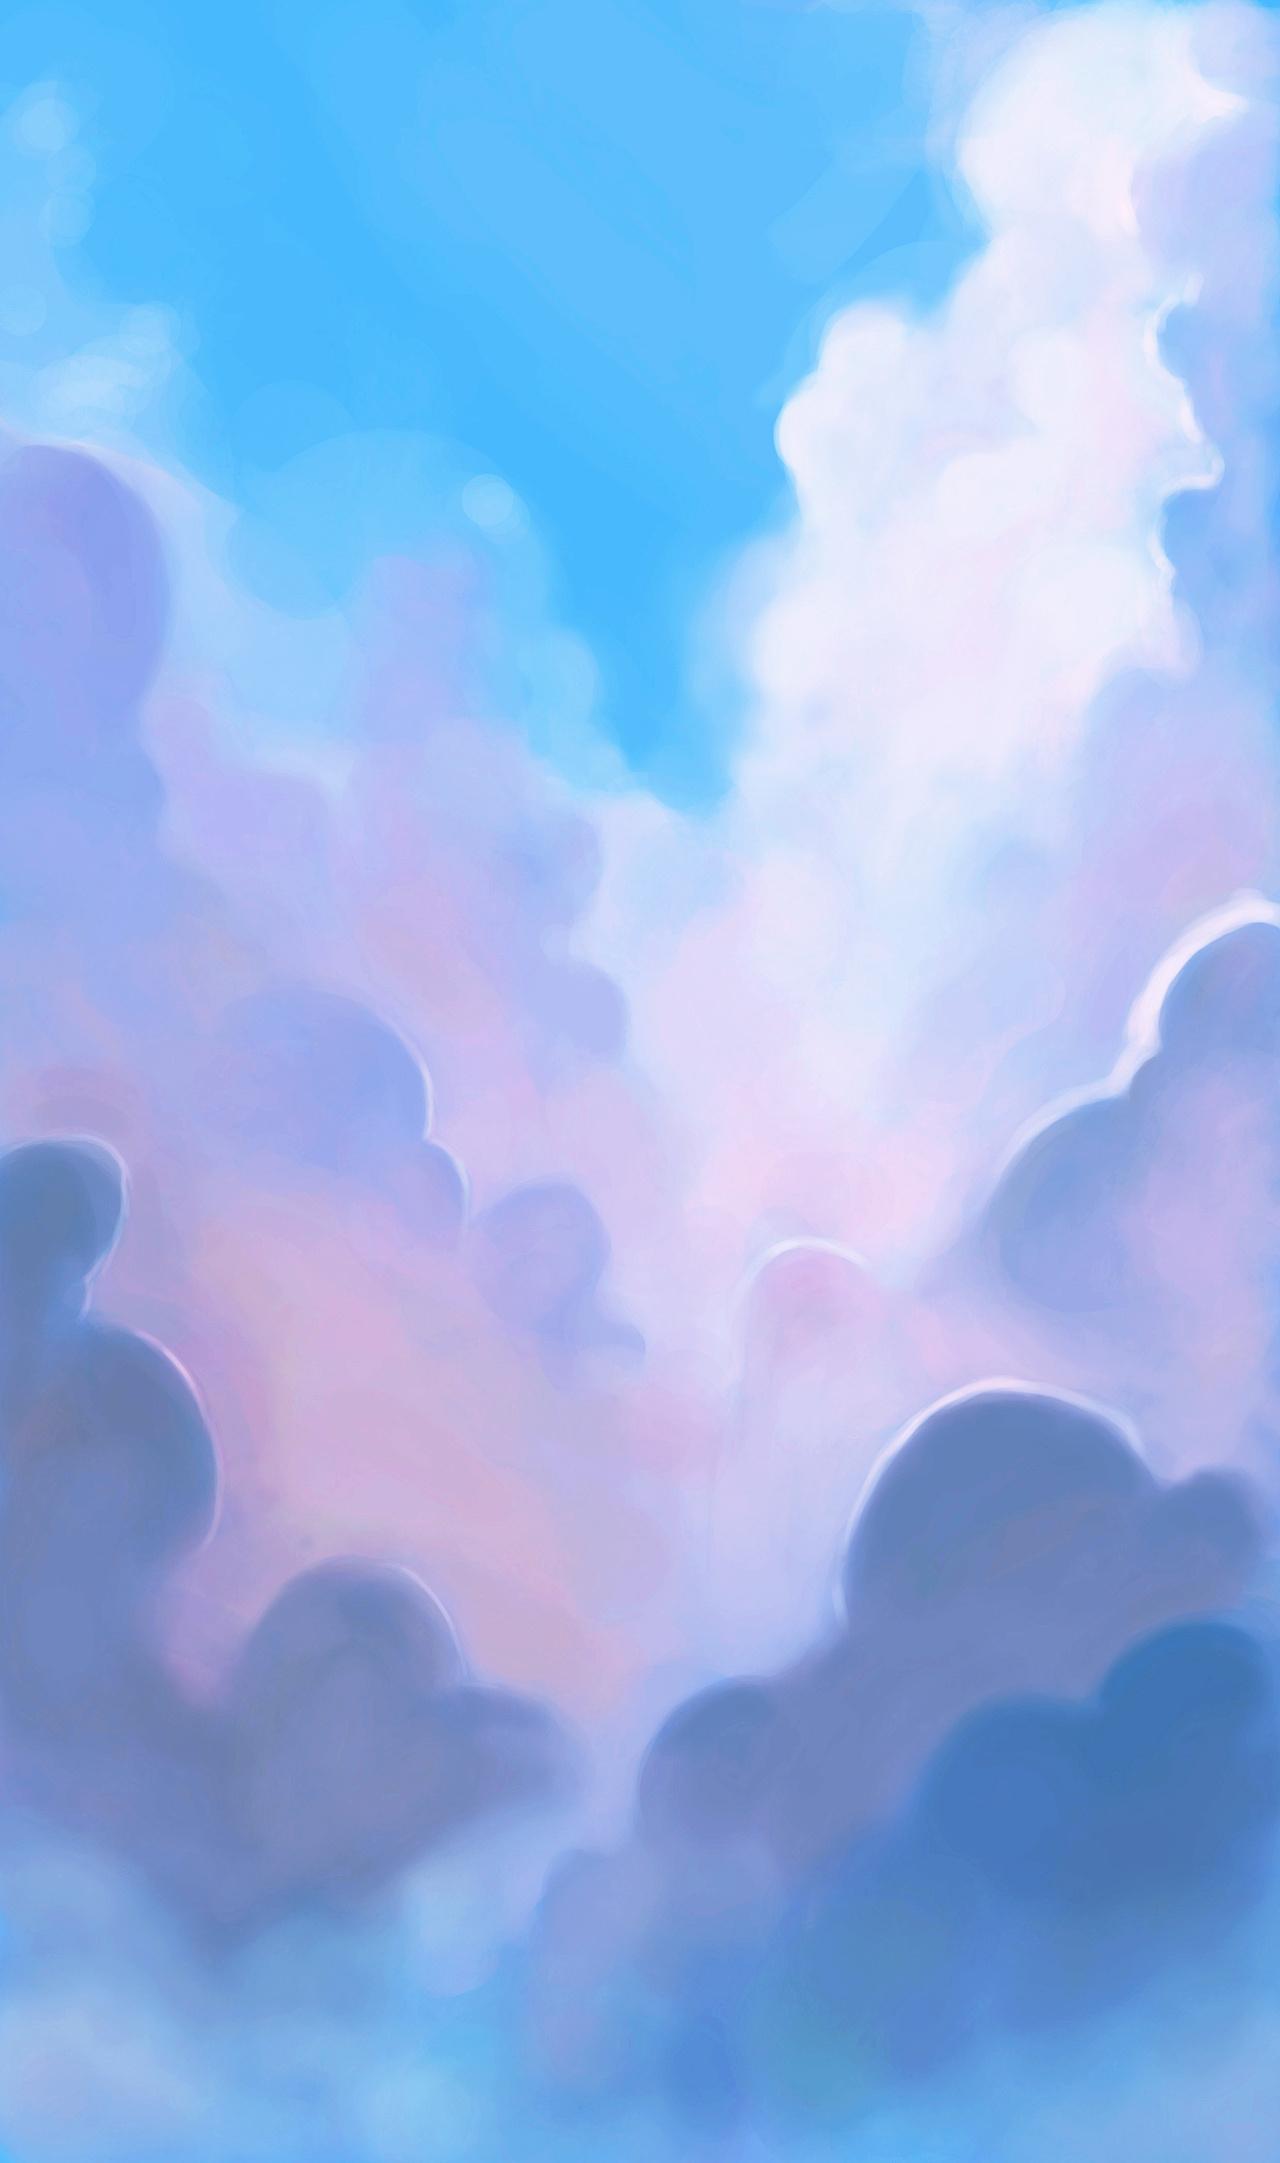 游戏手绘天空背景